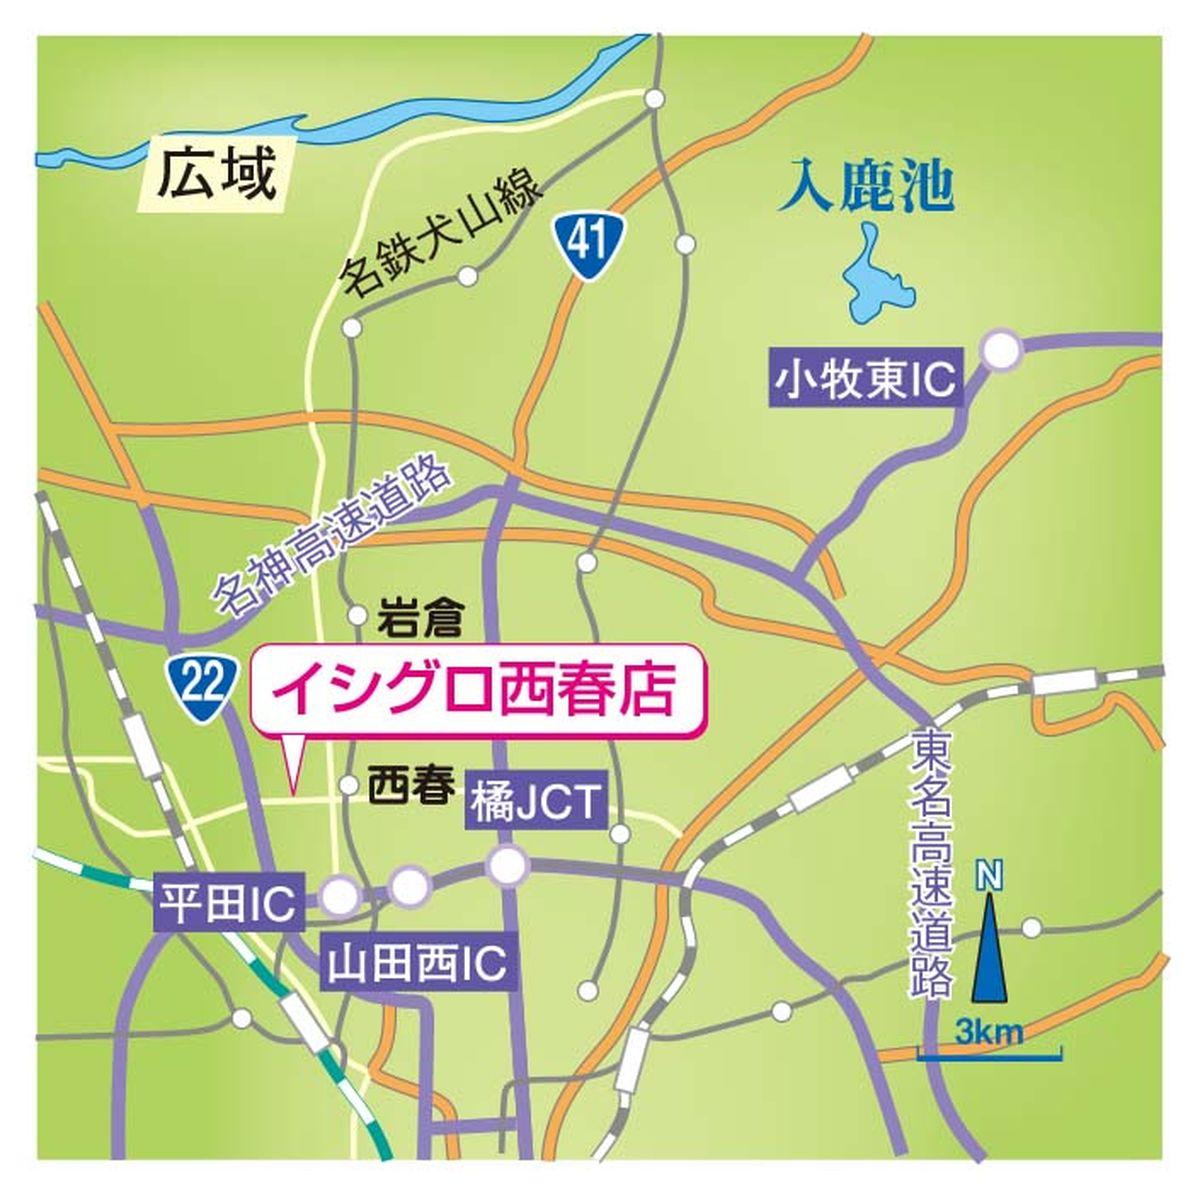 078_081_toukai-hot-tsuriguten_cs6 (17)